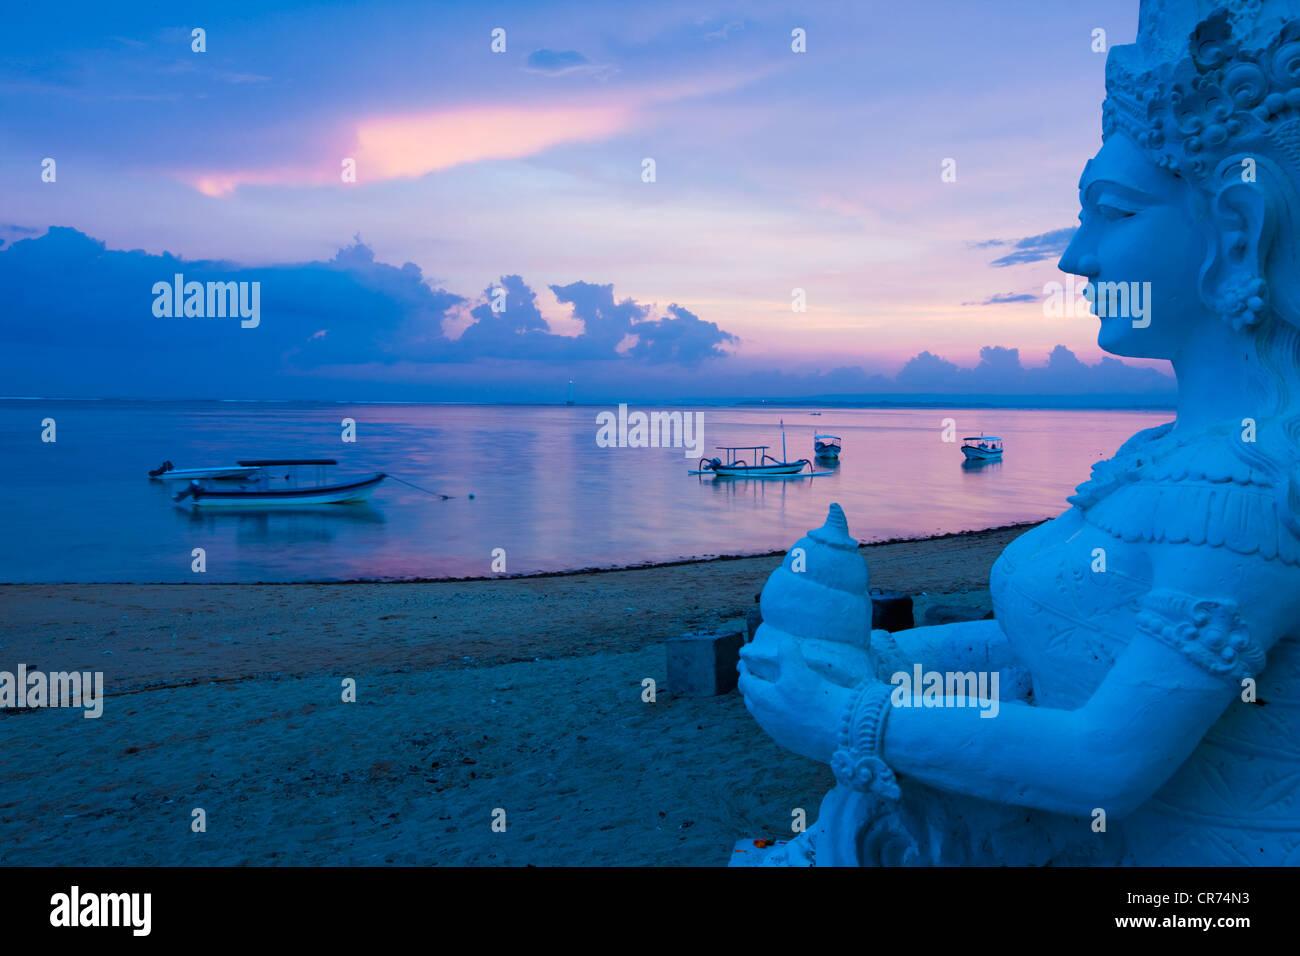 Indonesien, Bali, Sanur, Statue mit Meer im Hintergrund in der Abenddämmerung Stockfoto